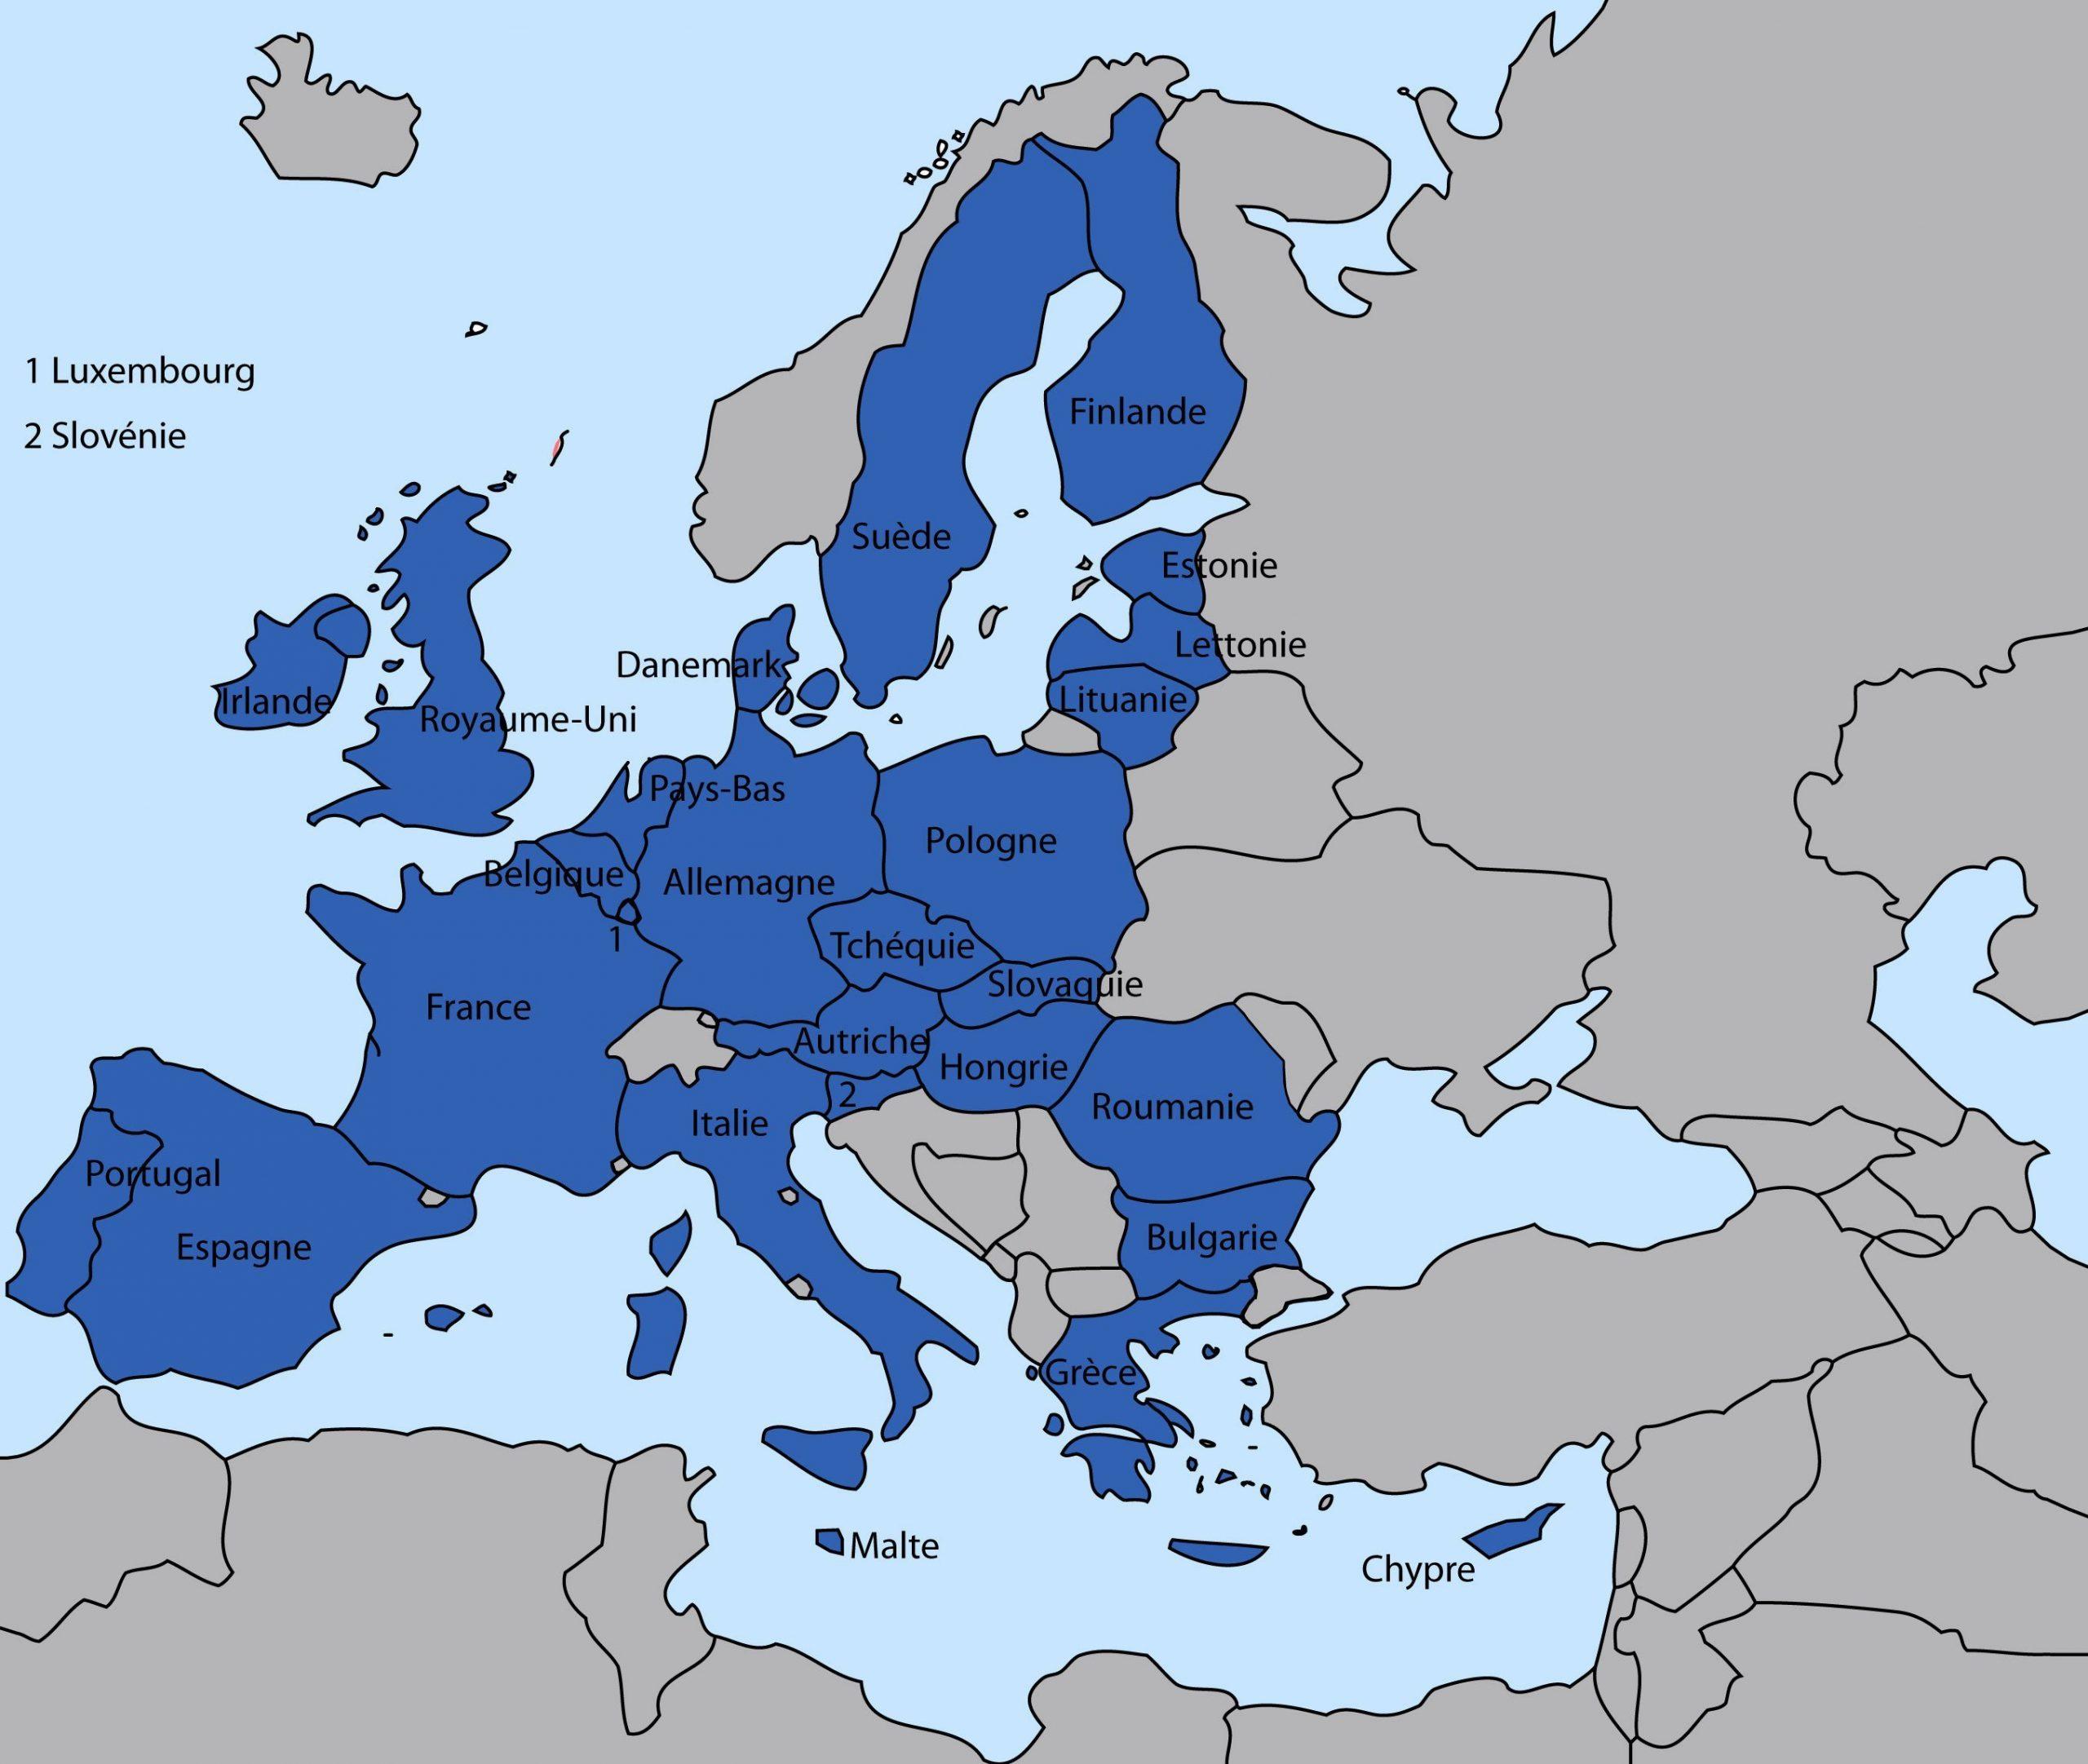 L'europe Expliquée Aux Enfants à Nom Des Pays De L Union Européenne